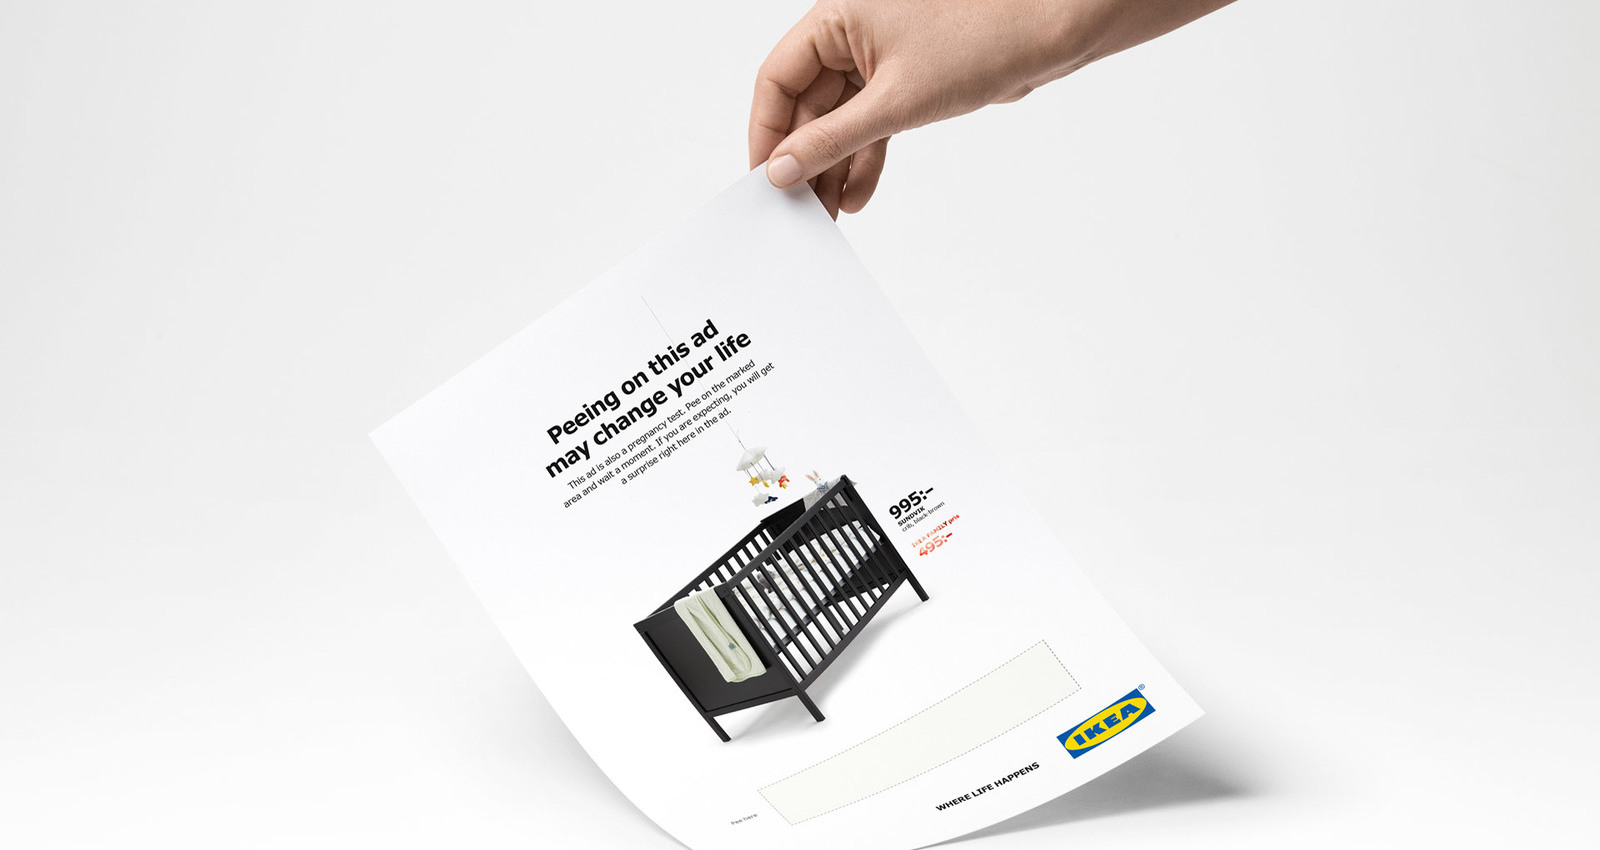 IKEA Pee Ad